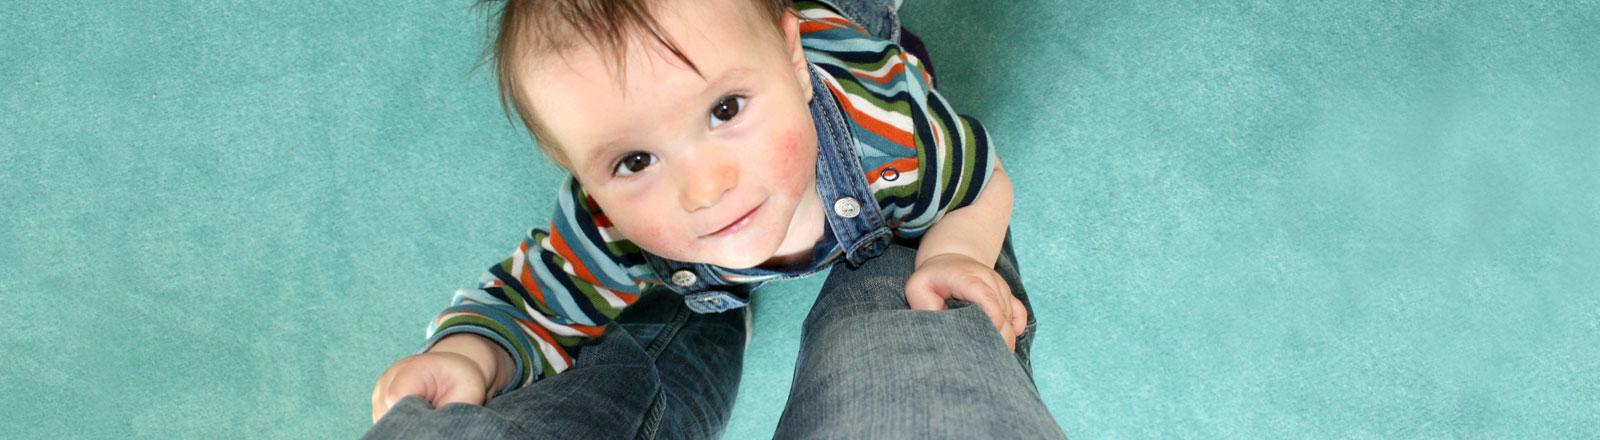 Ein Kind hält sich an den Hosbeinen seiner Mutter fest.